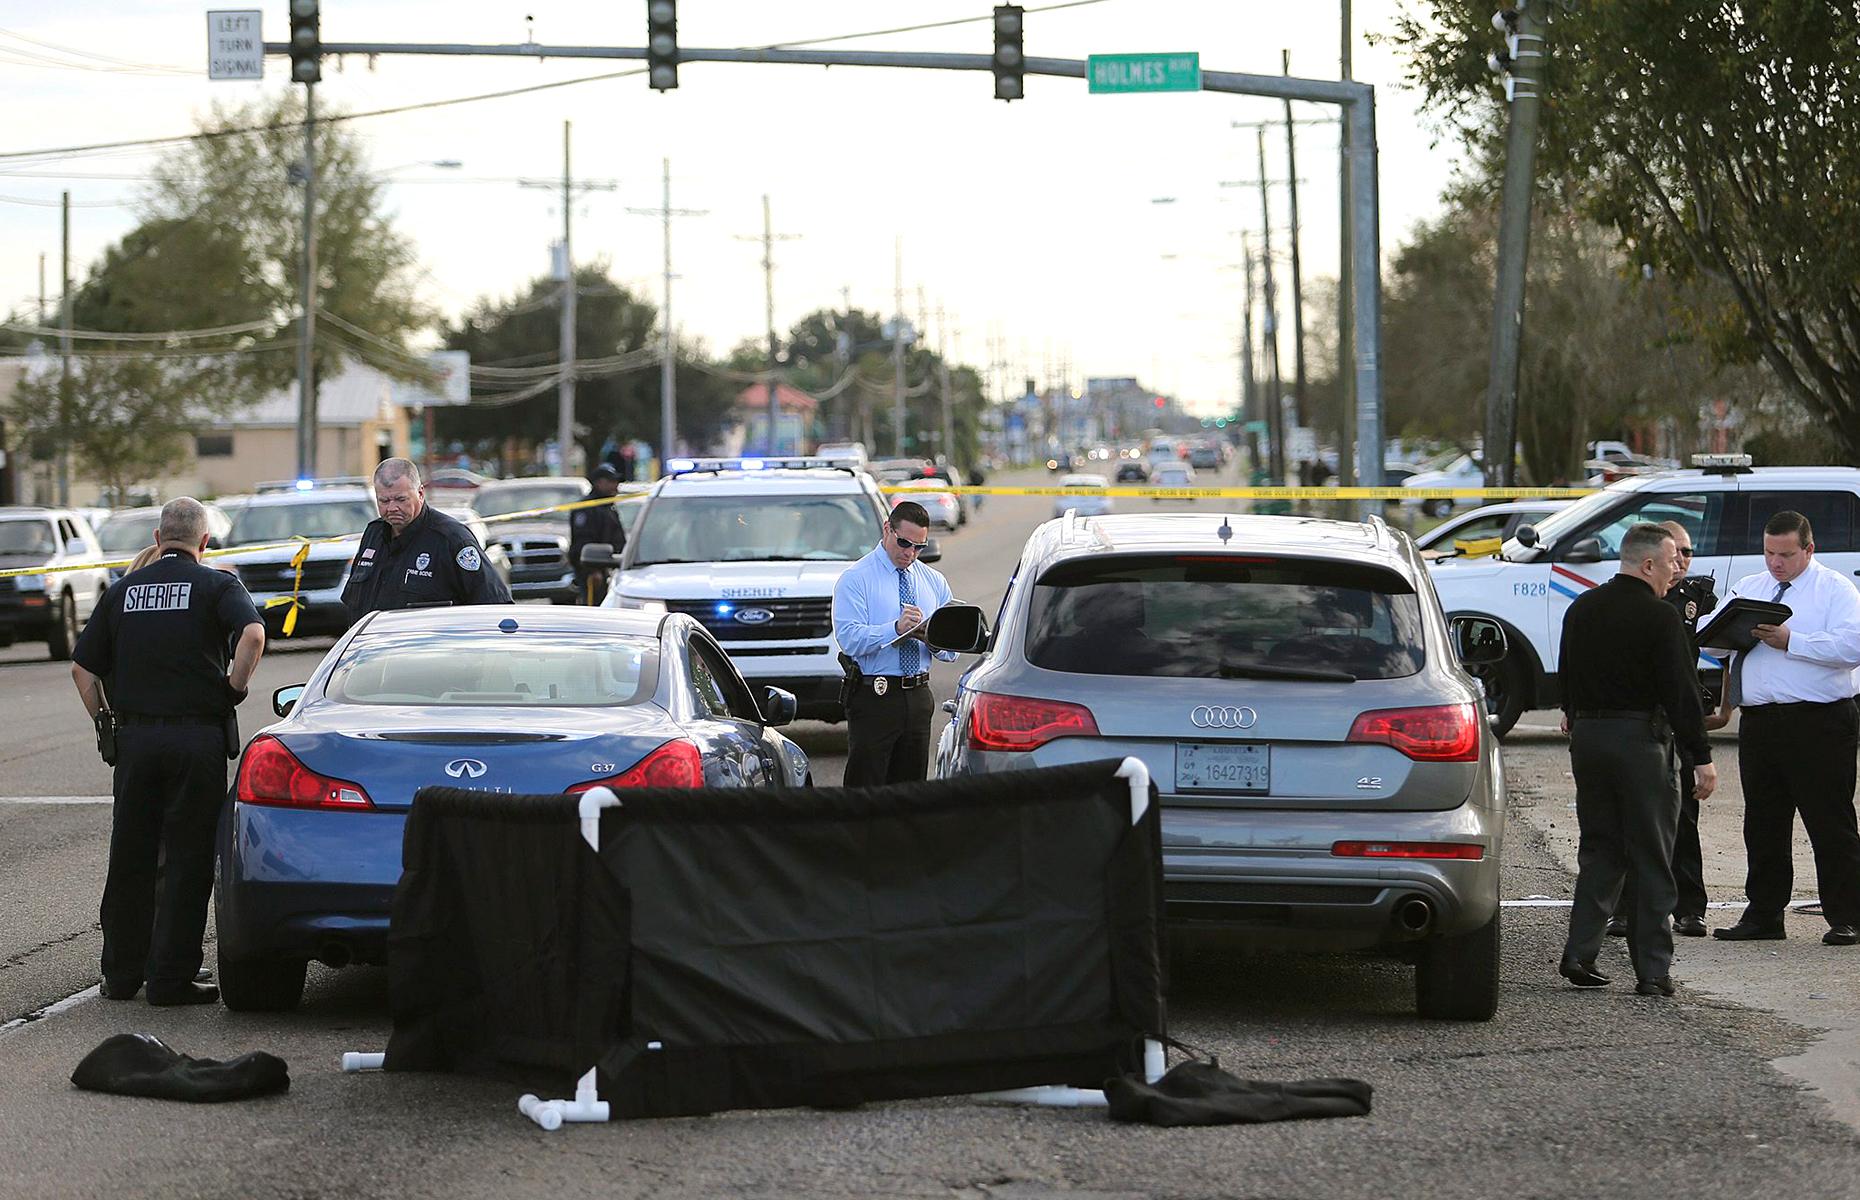 La scène du crime à Terrytown, en Louisiane, le 1er décembre 2016.